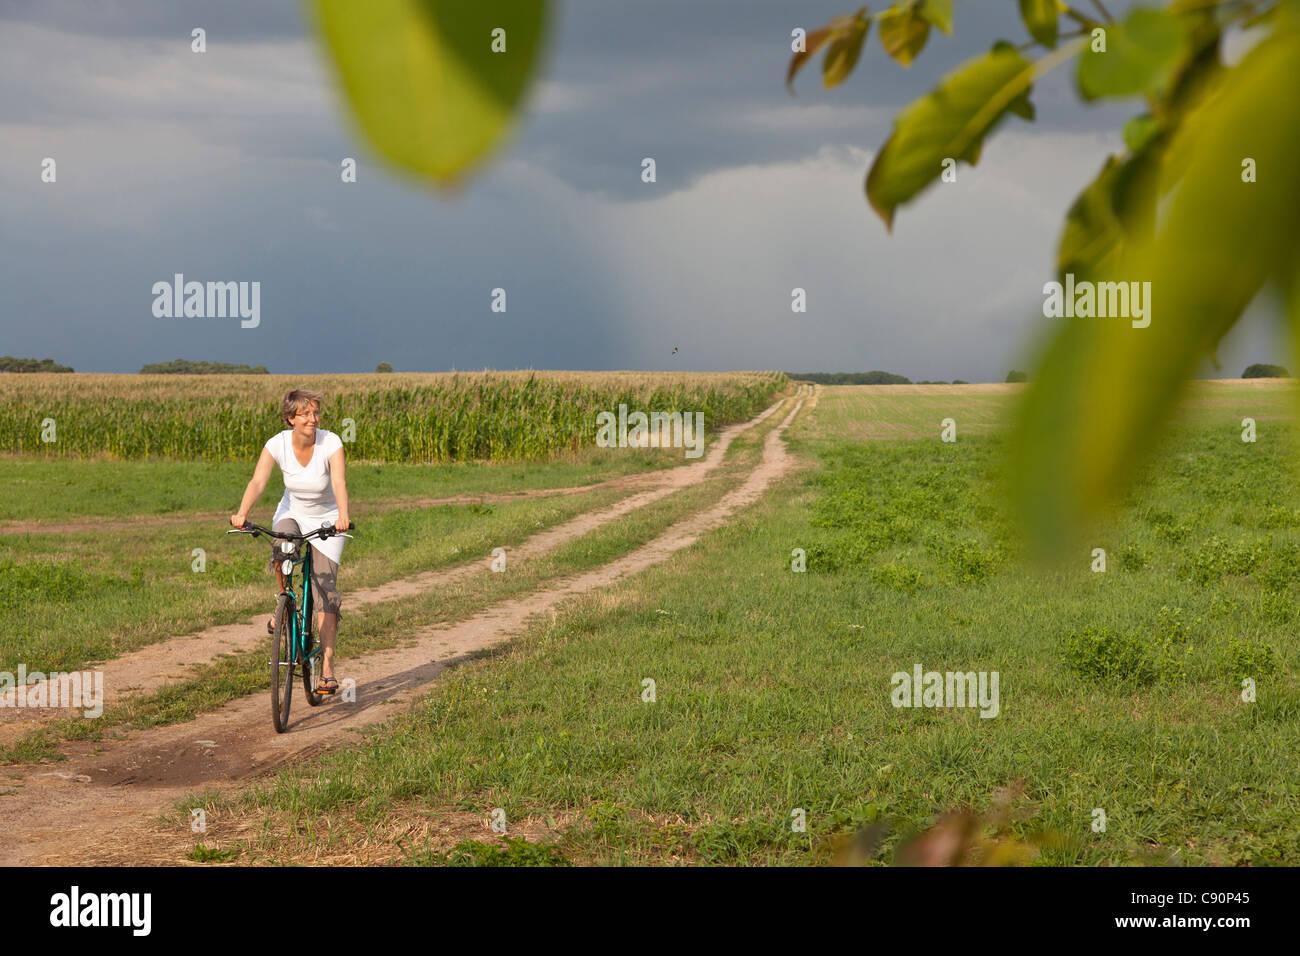 Weibliche Radfahrer vorbei Kornfeld, in der Nähe von Stolpe, Insel Usedom, Mecklenburg-Western Pomerania, Deutschland Stockbild